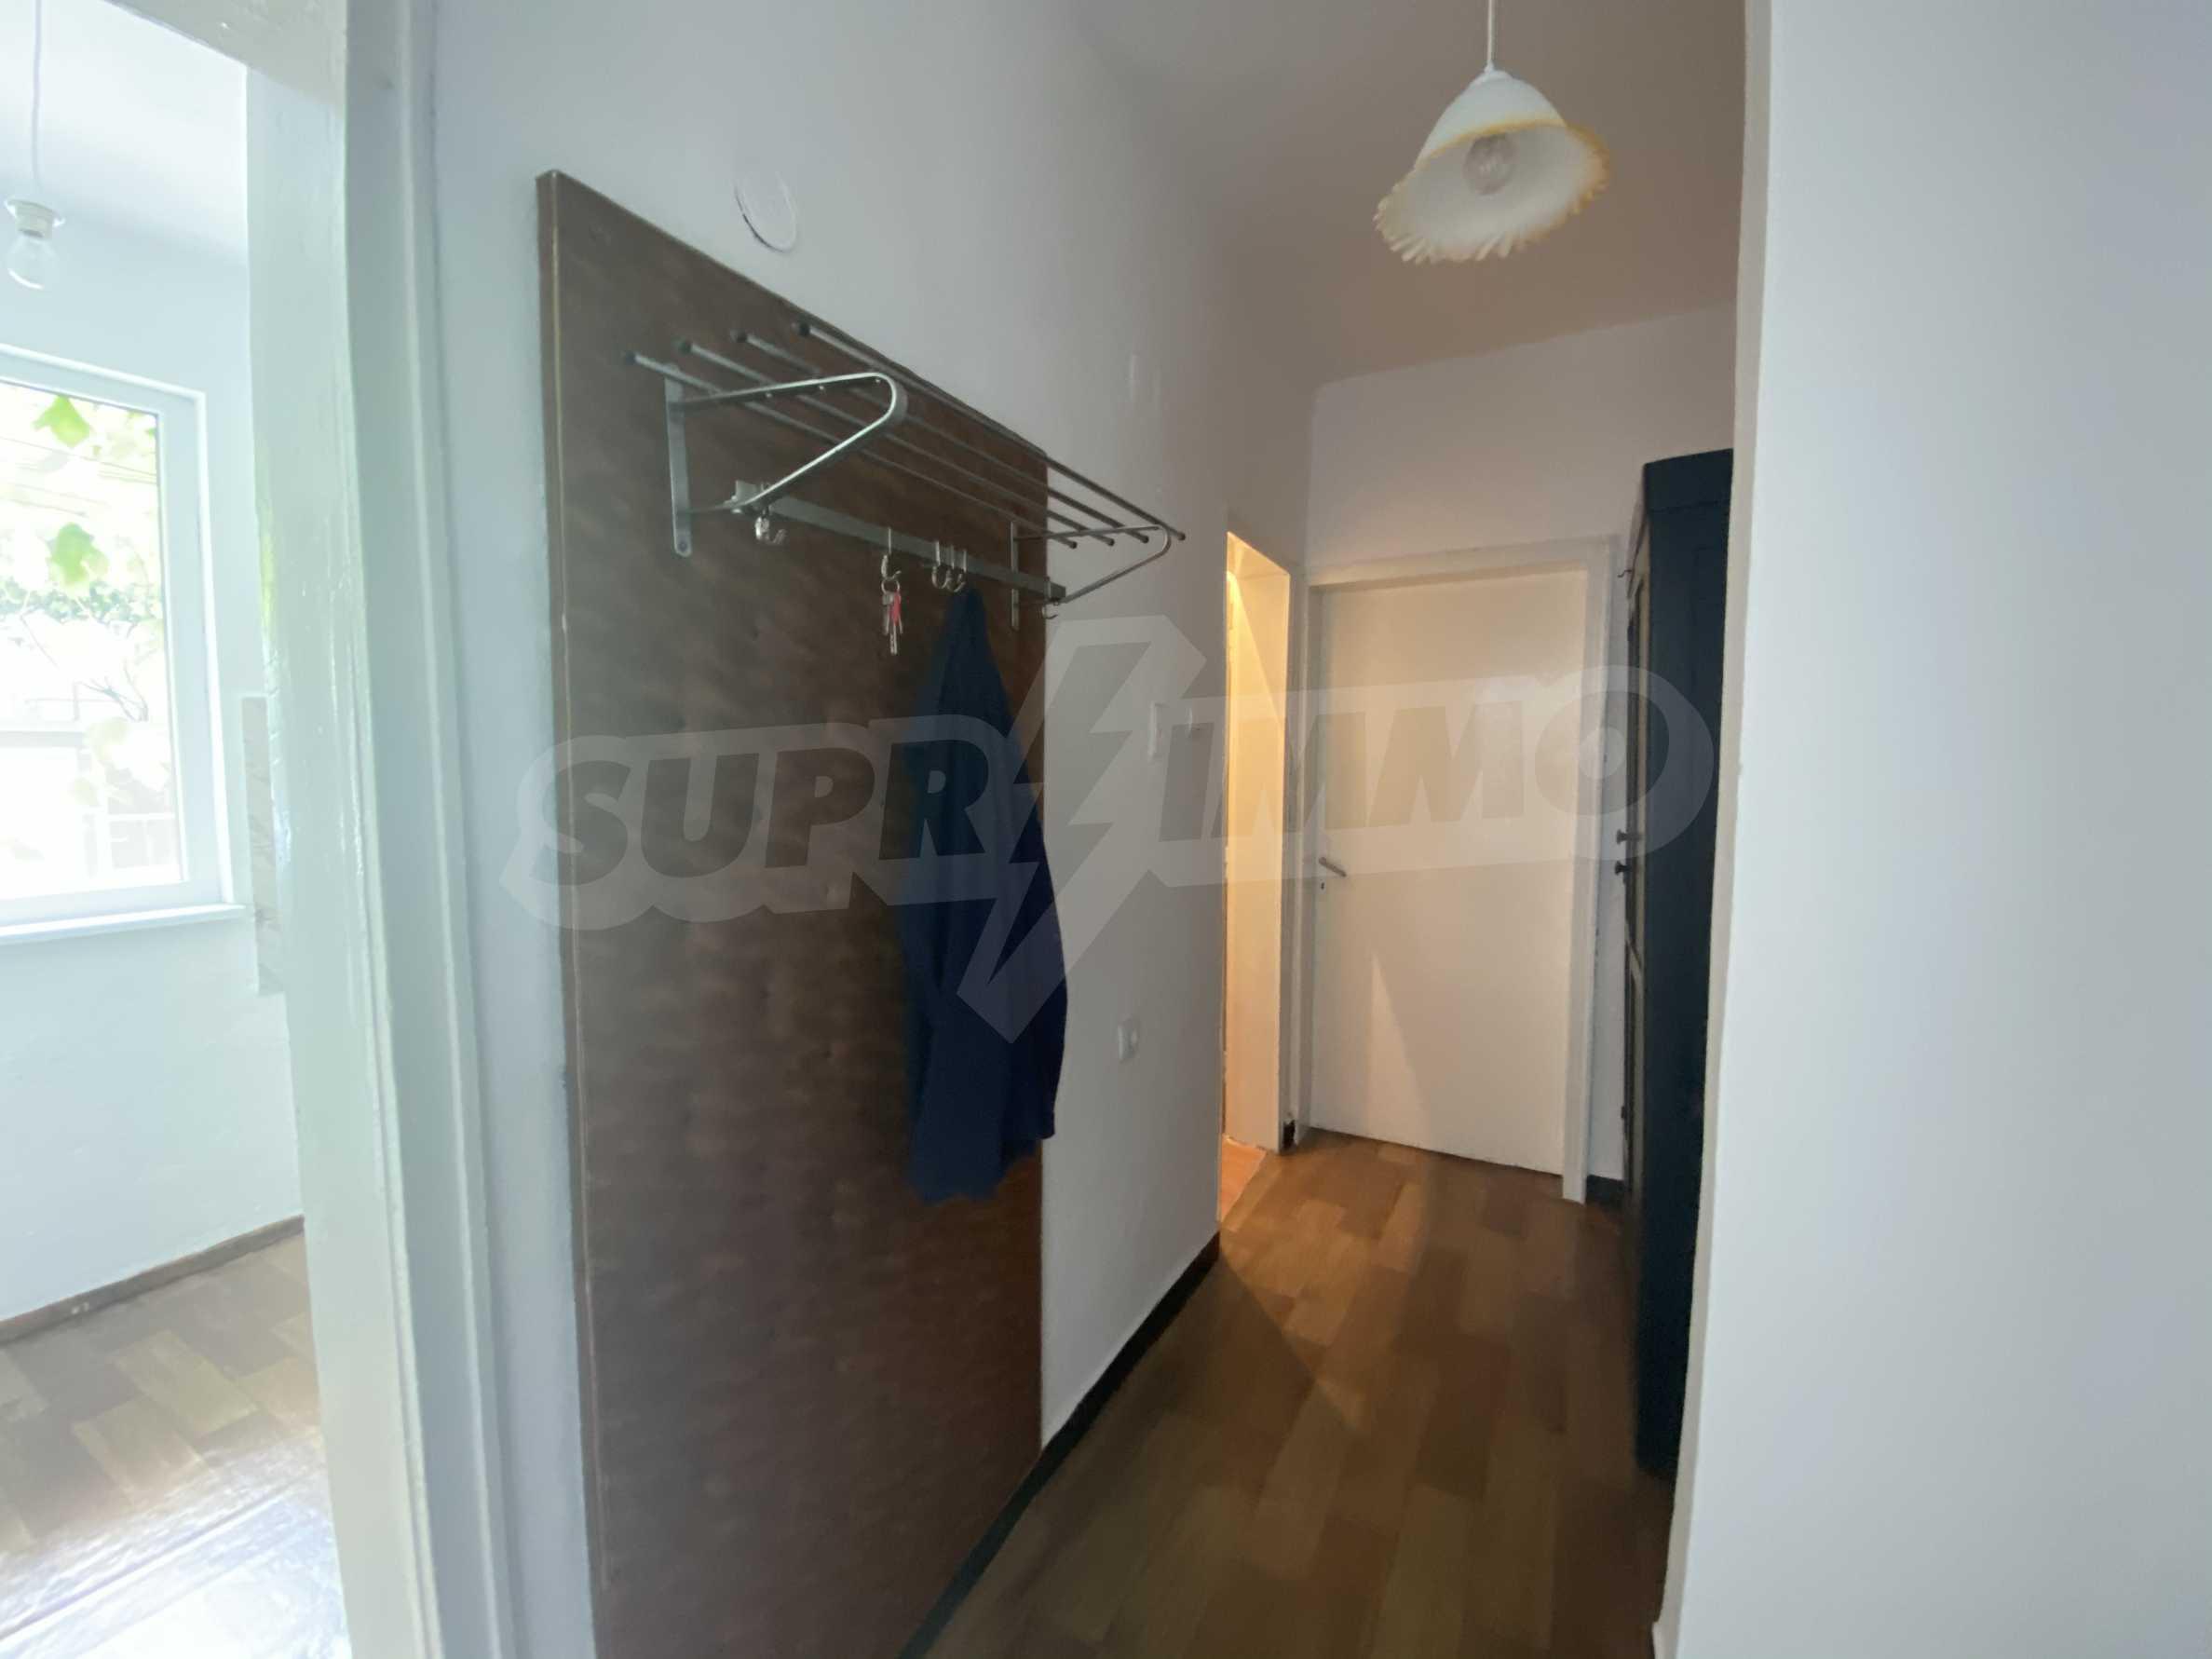 Тристаен апартамент в близост до центъра на Банско 2